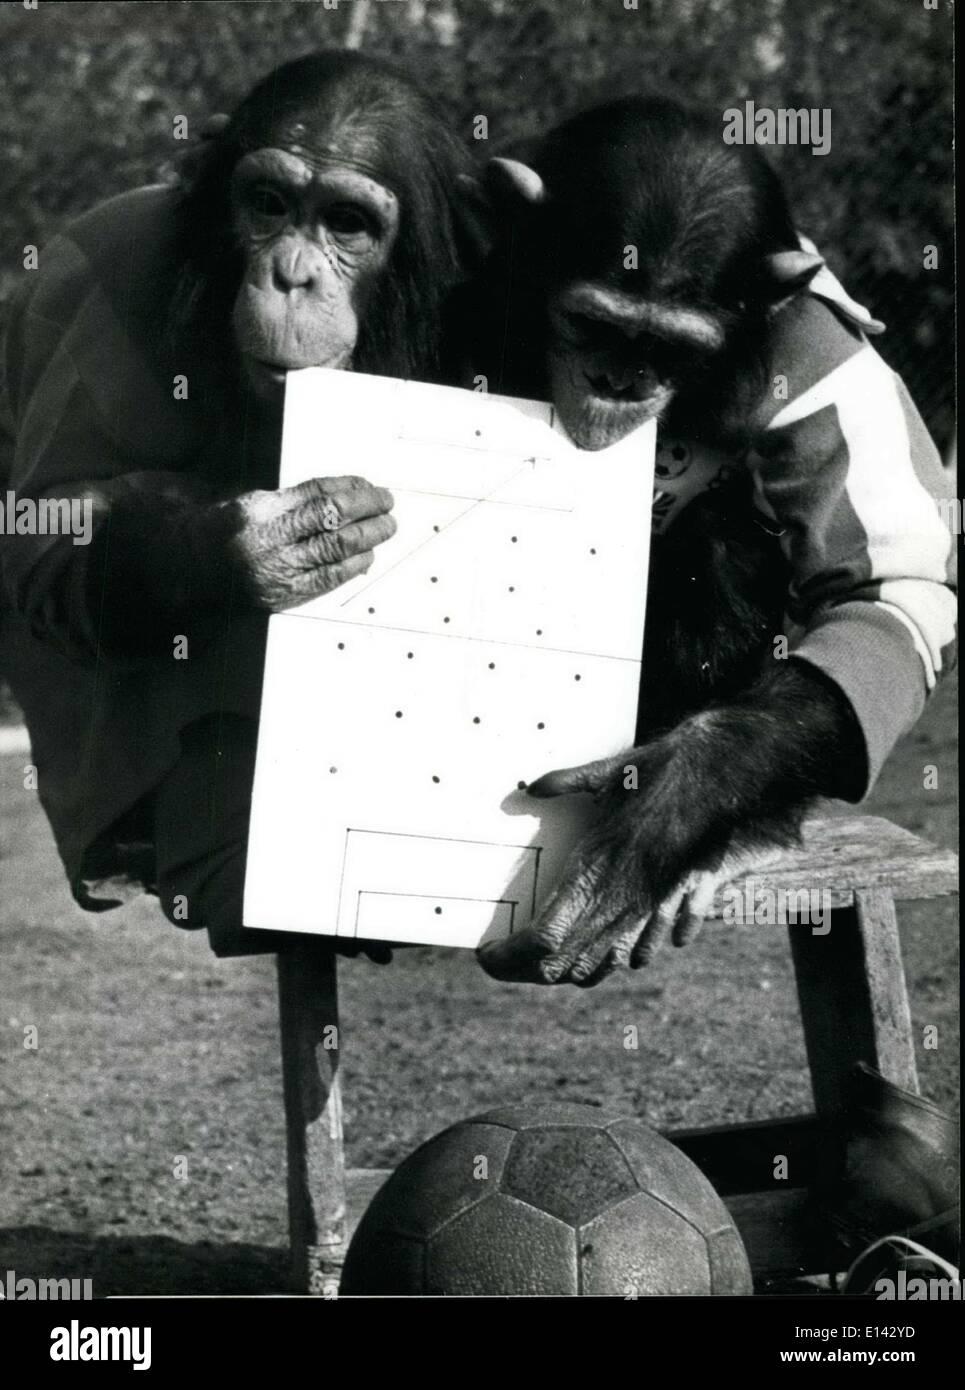 31 mars 2012 - La Coupe du monde n'est plus de combat, non pour les chimpanzés: Monkey Business sur caries football, saison ou pas. Ces deux chimpanzés du Zoo de Munich, Allemagne, en Hallabrunn serait toujours heureux d'être le nouveau football Superstars. Bien sûr le football devrait être joué avec les pieds, pas les mains, mais nous allons l'oublier et de pardonner les chimpanzés il ils ne sont pas les meilleurs joueurs du monde. Mais ils font d'excellent gardien de but, avec l'avantage supplémentaire de l'aide à quatre pattes! Photo Stock